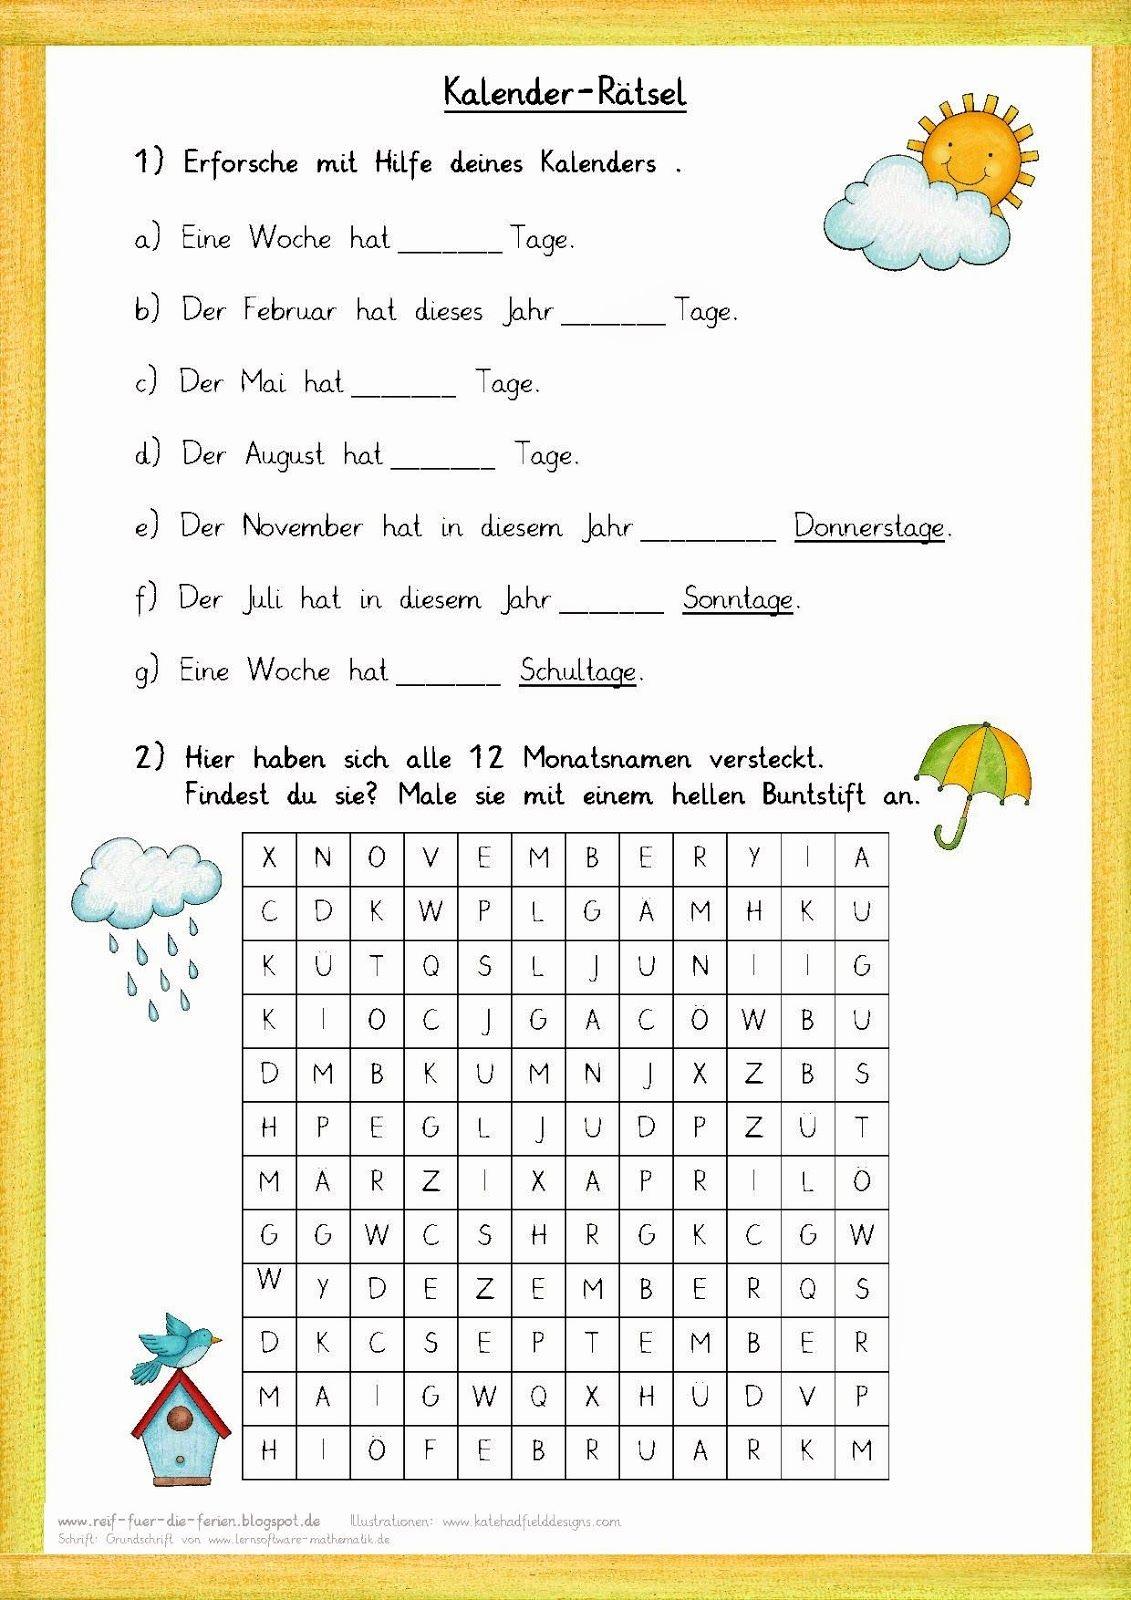 Rätsel Für Senioren Zum Ausdrucken Frisch Kalender Rätsel ganzes Rätsel Zum Ausdrucken Für Erwachsene